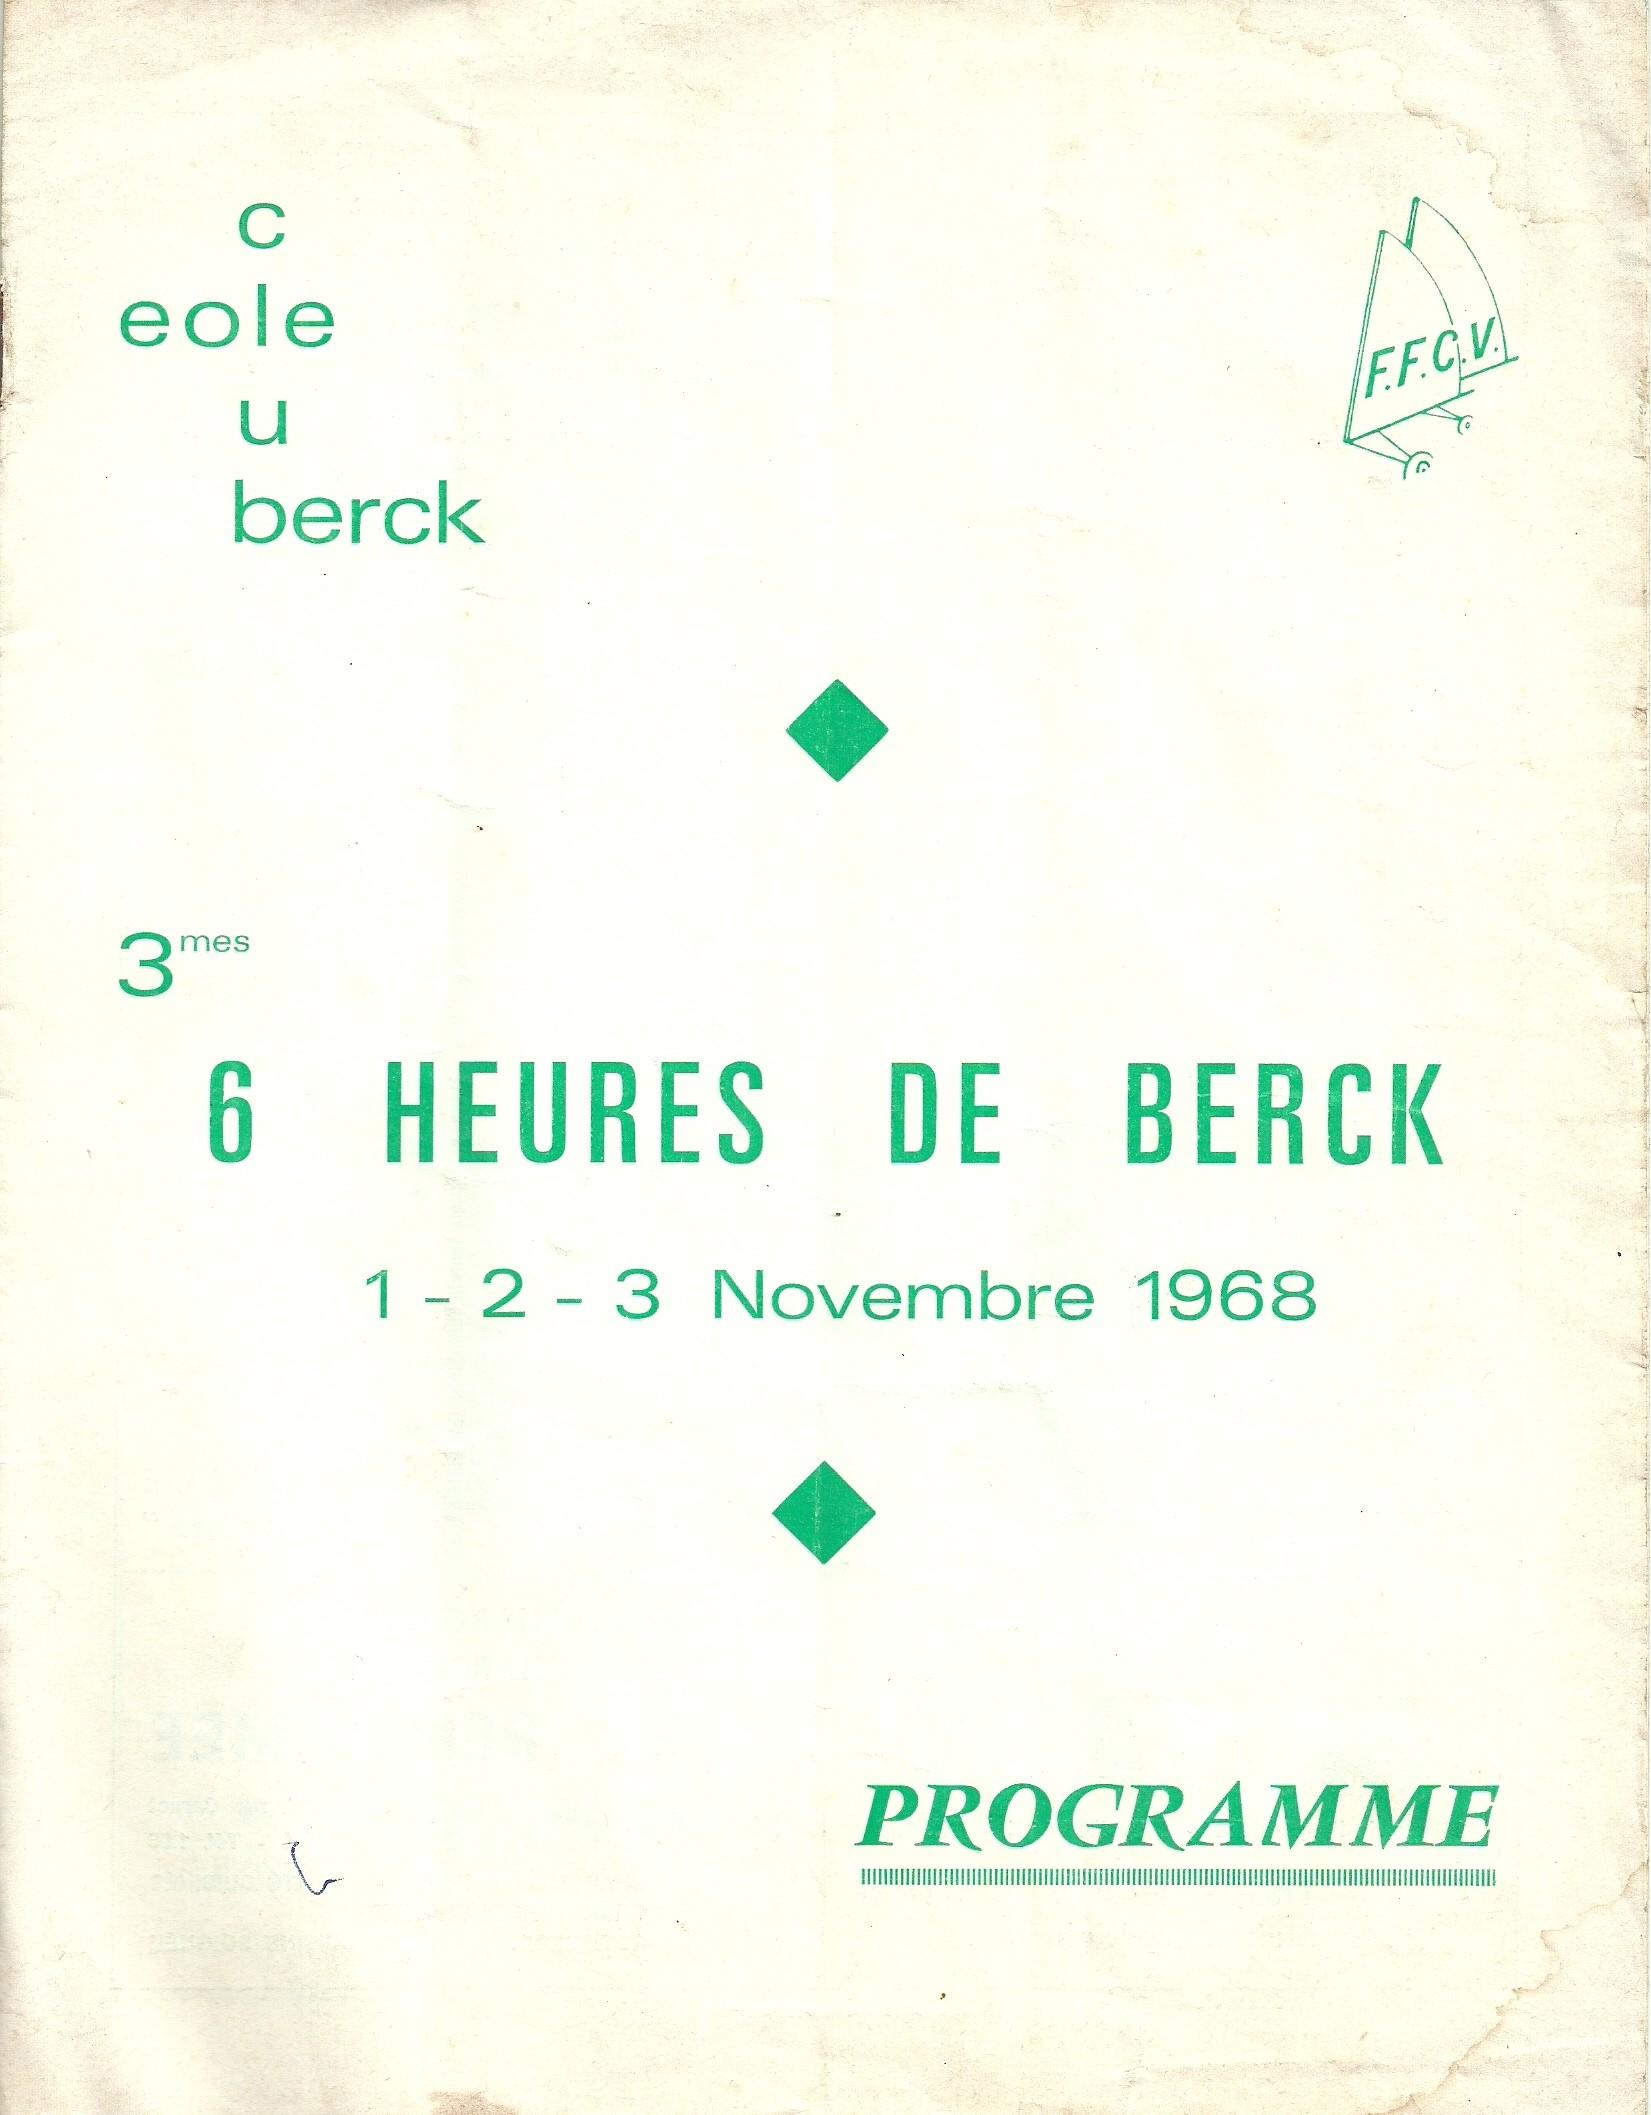 Affiche 1968